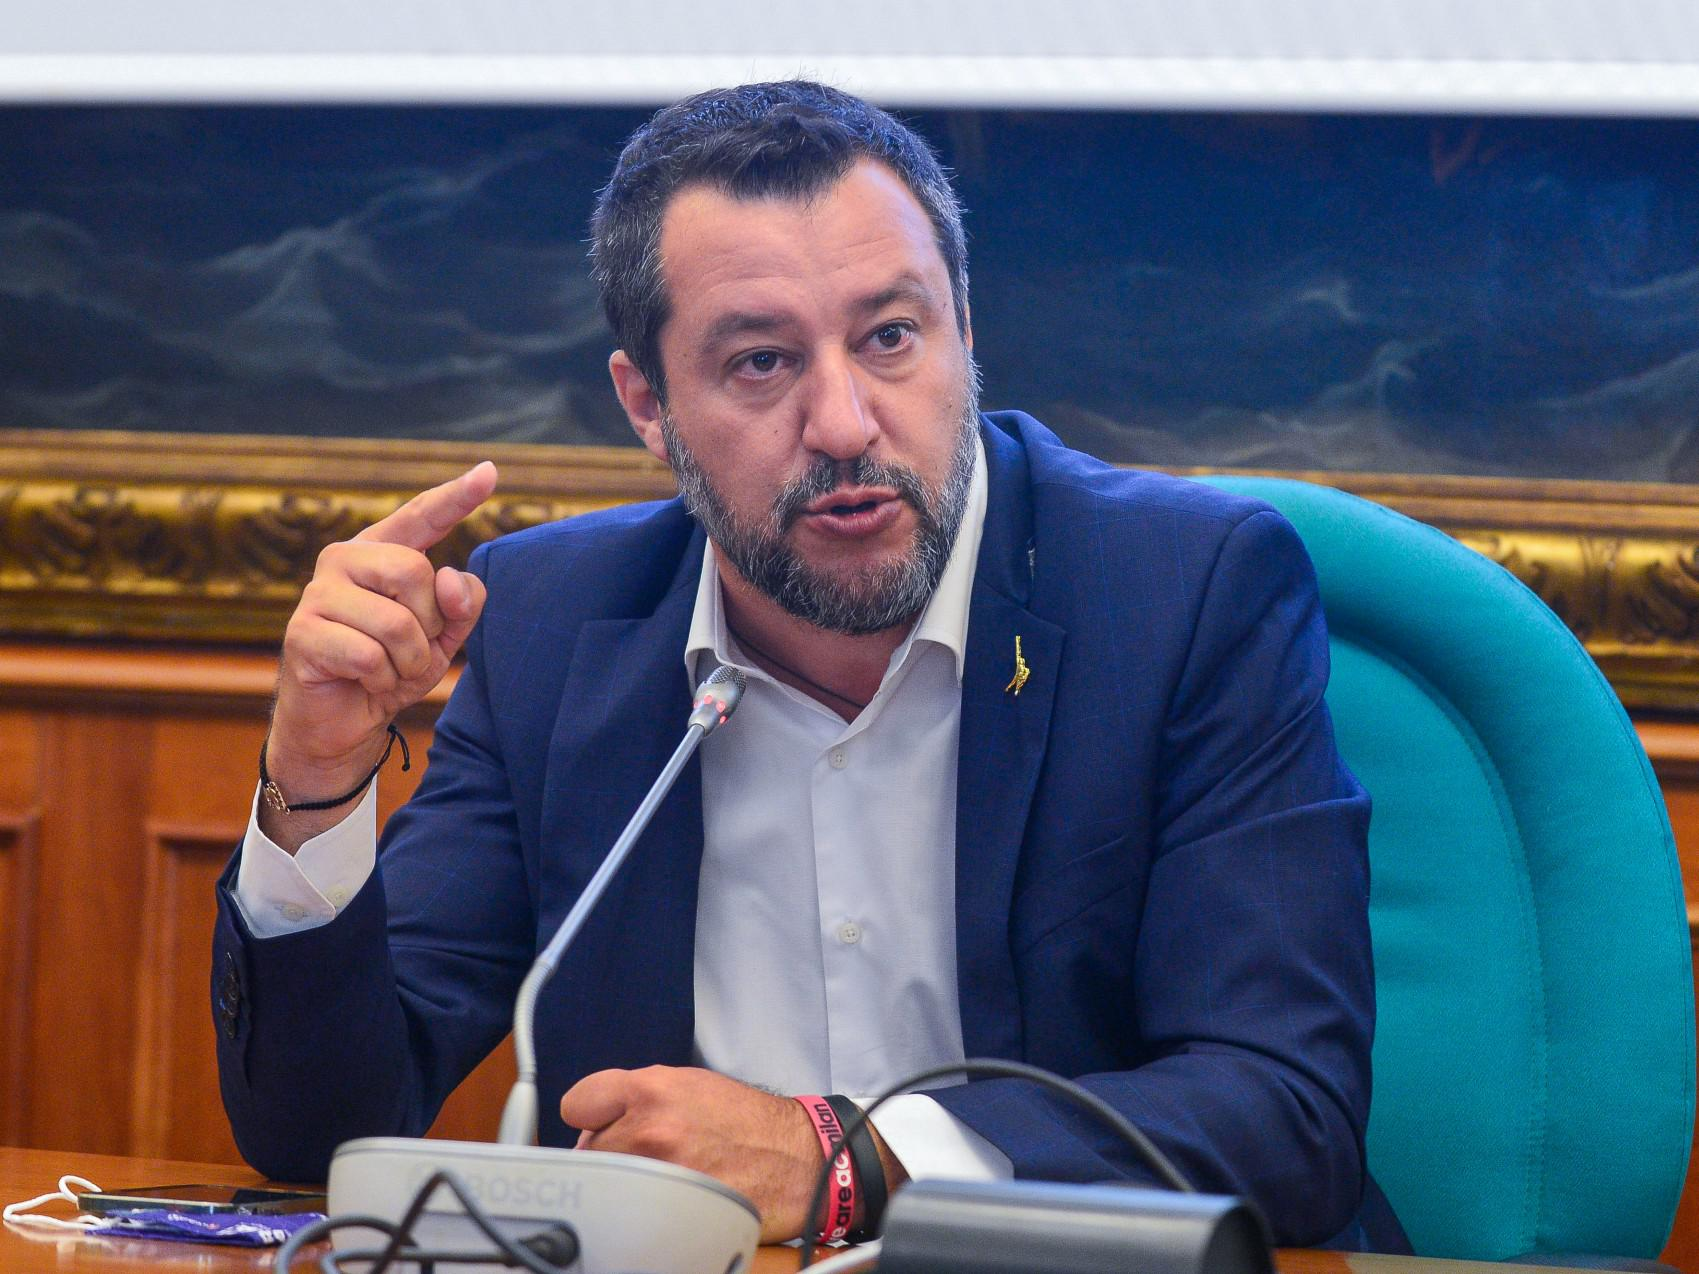 """Reddito cittadinanza, Salvini: """"A Draghi chiesto di tagliarlo abbondantemente"""""""